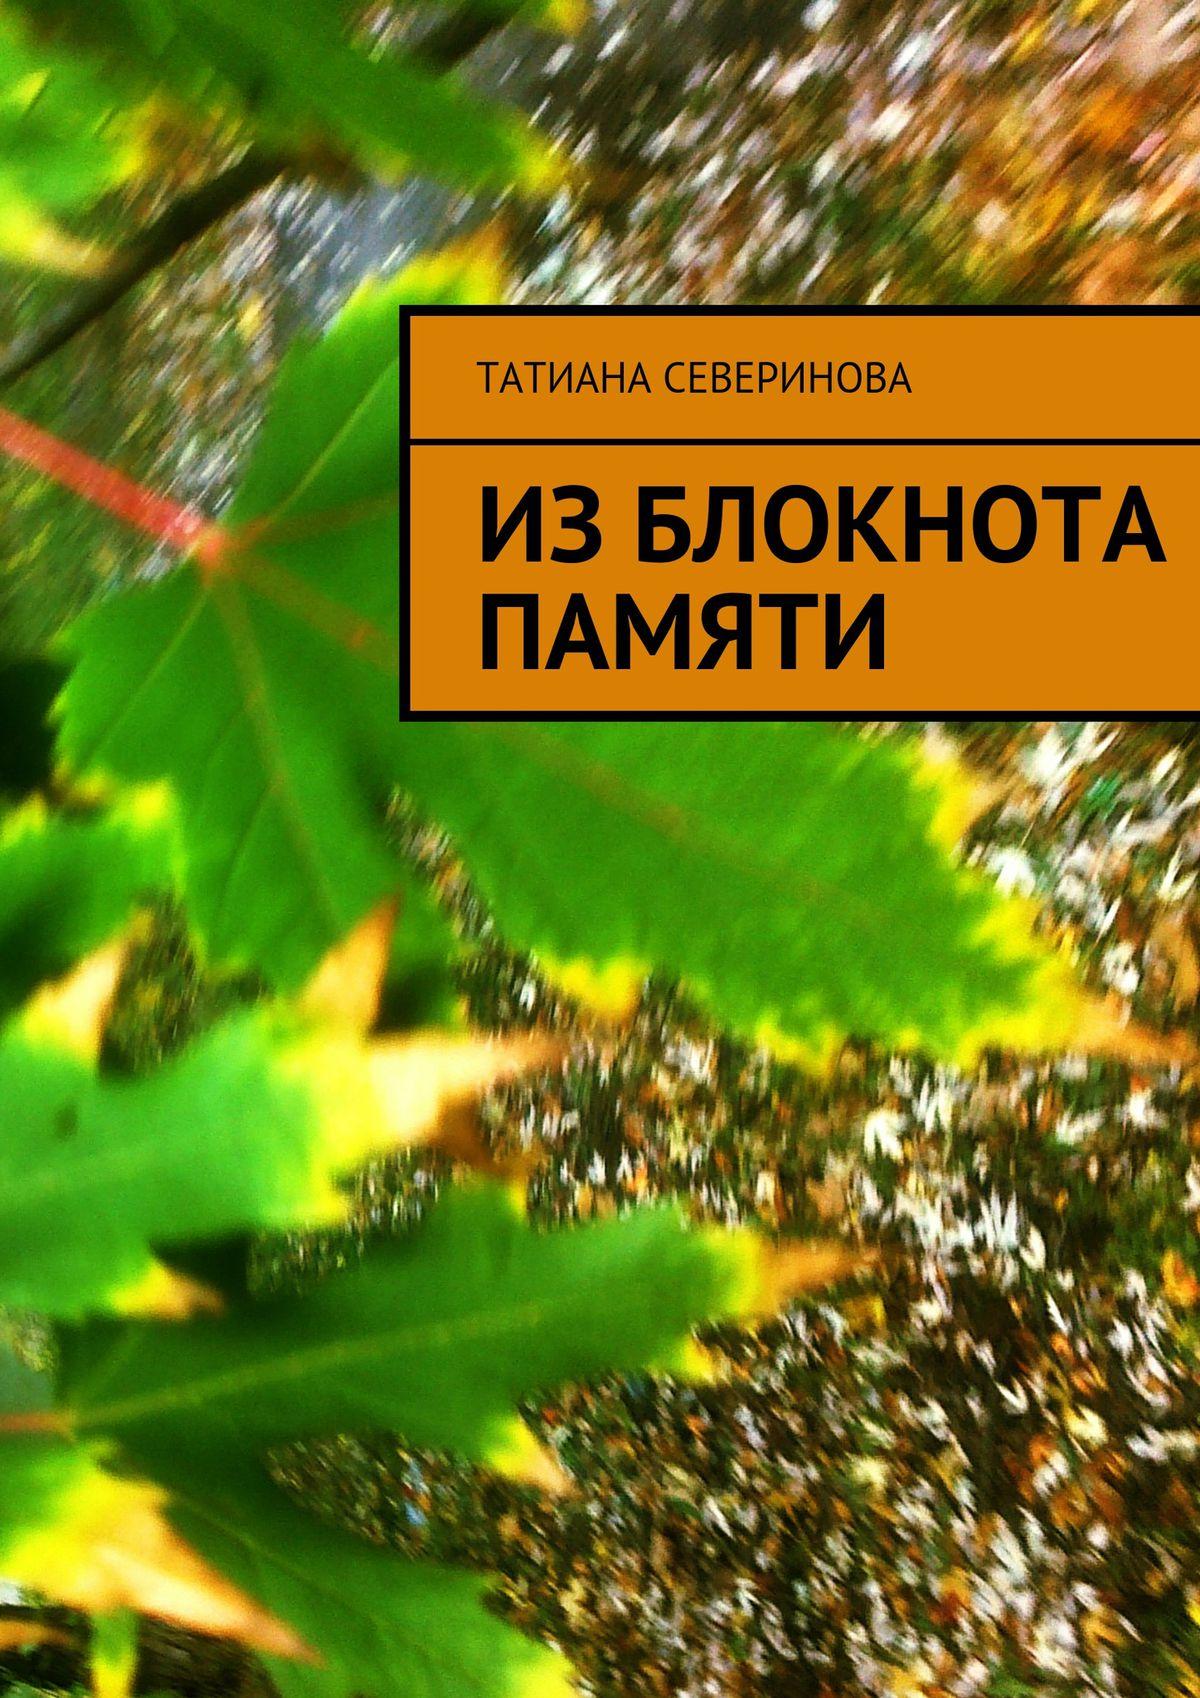 Татиана Северинова Изблокнота памяти татиана северинова изблокнота памяти